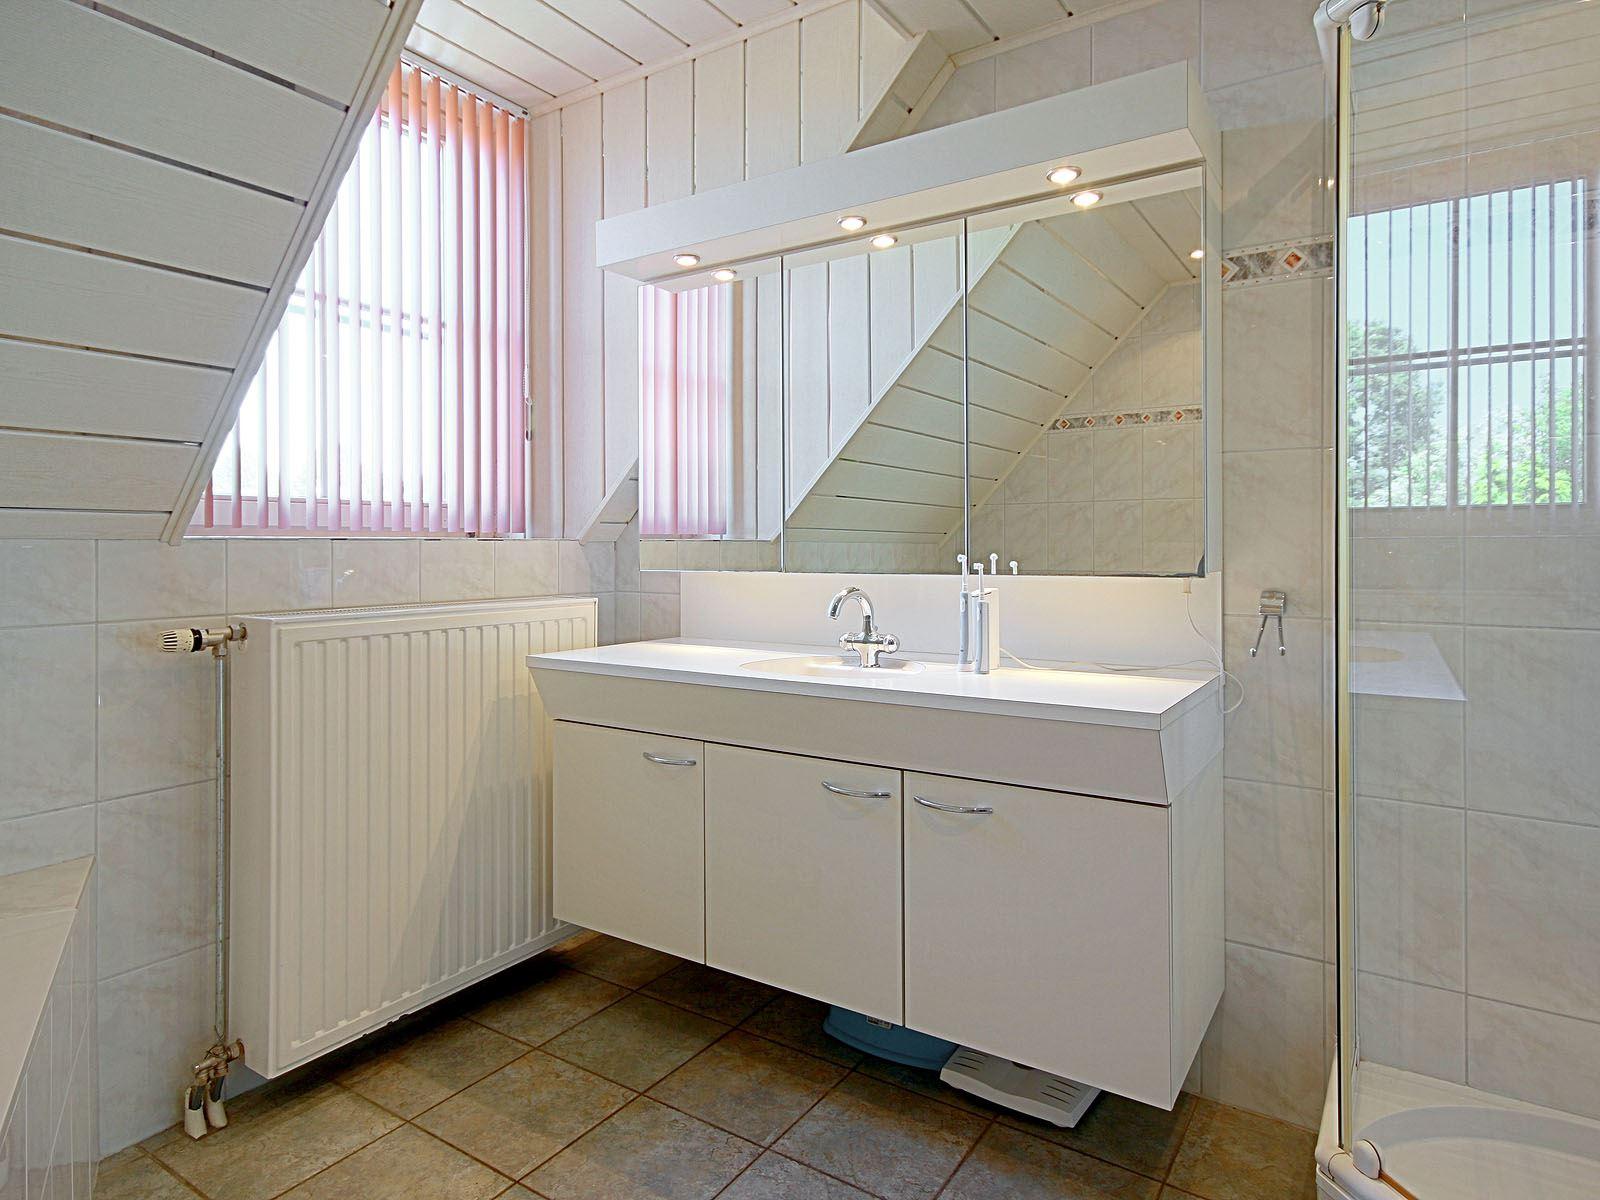 Huis te koop moostdijk 16 6035 rb ospel funda for M2 trap berekenen